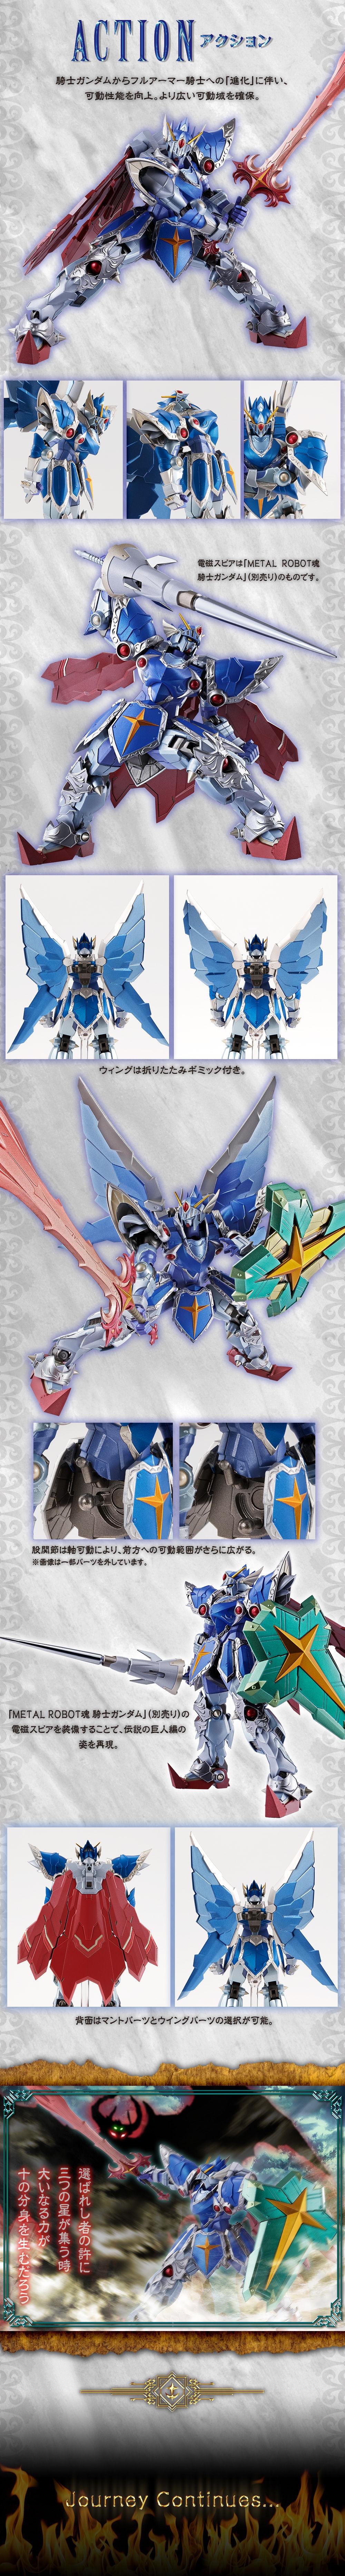 Gundam - Page 89 HaKu6ZwQ_o